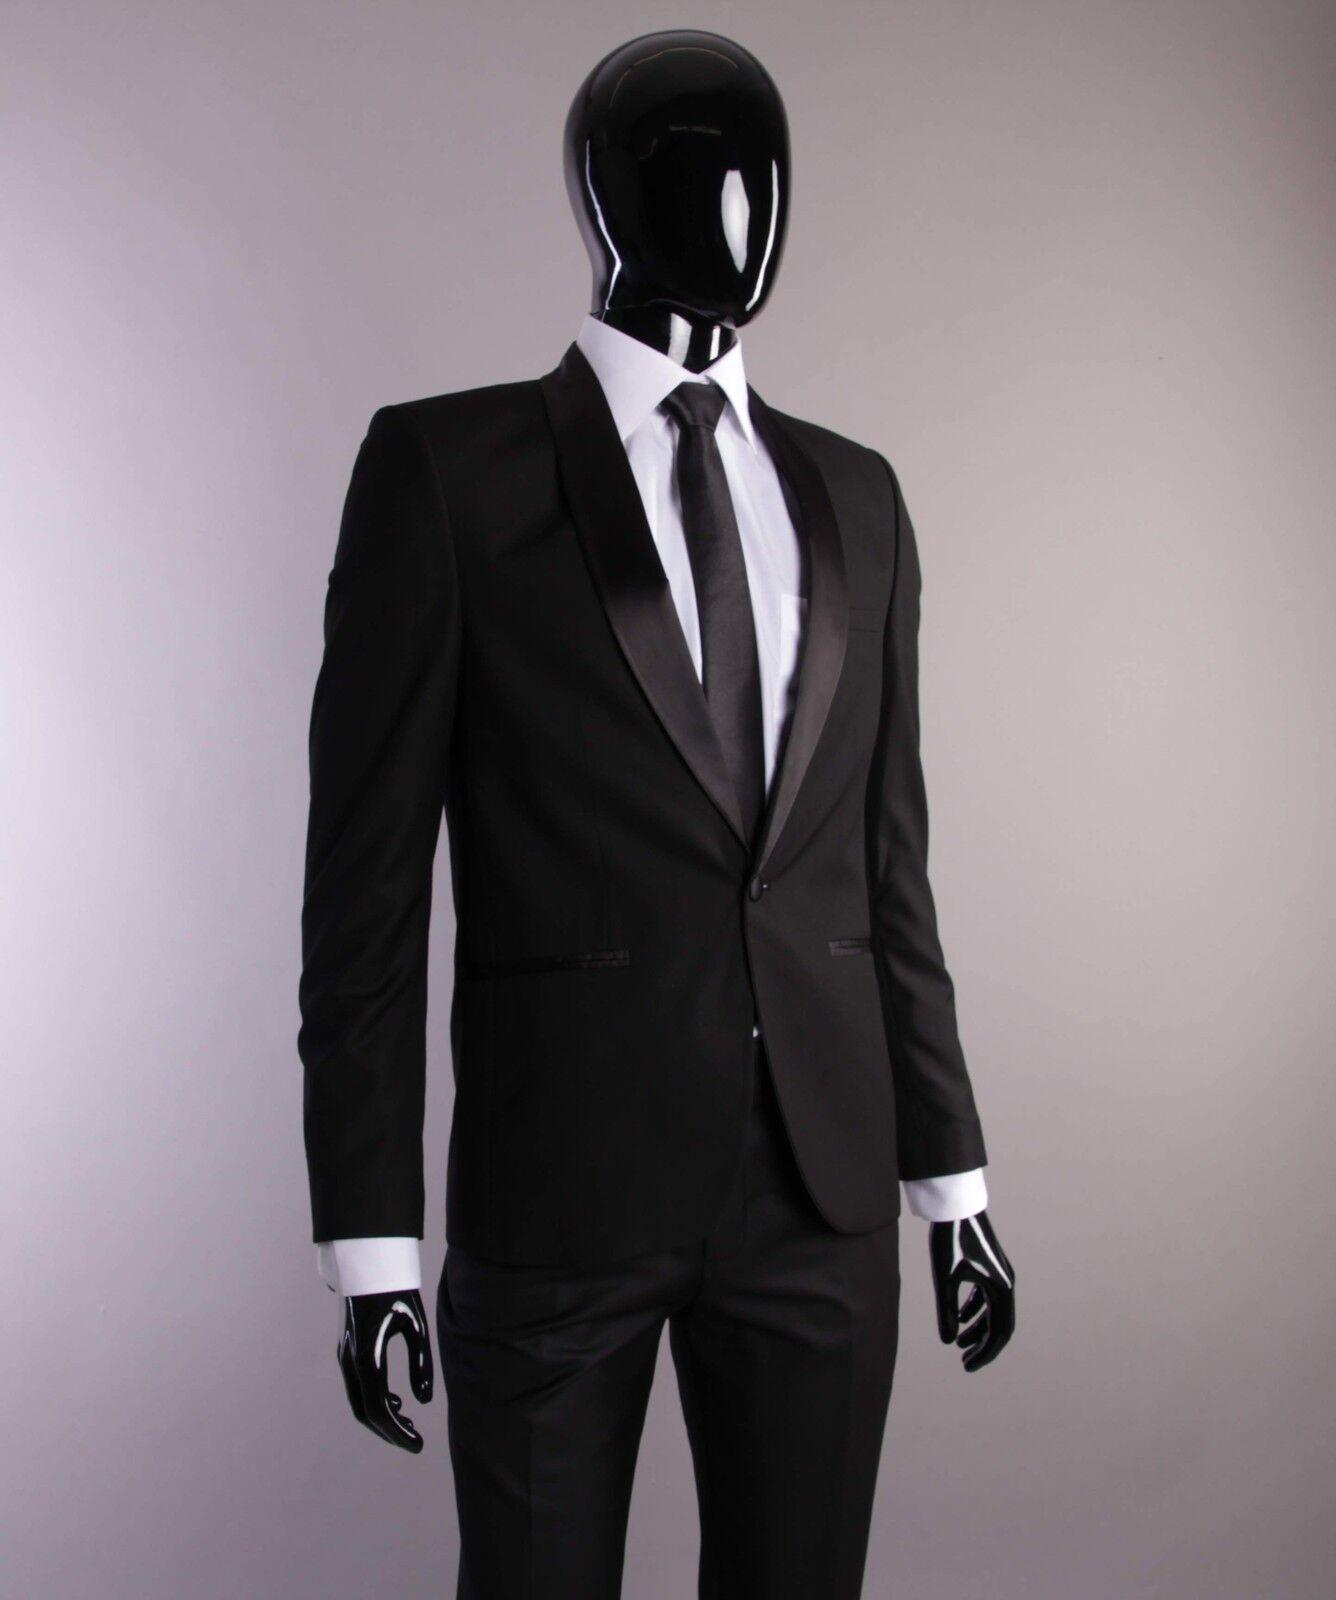 фотографию, которой картинка человека в черном костюме втором этапе художник